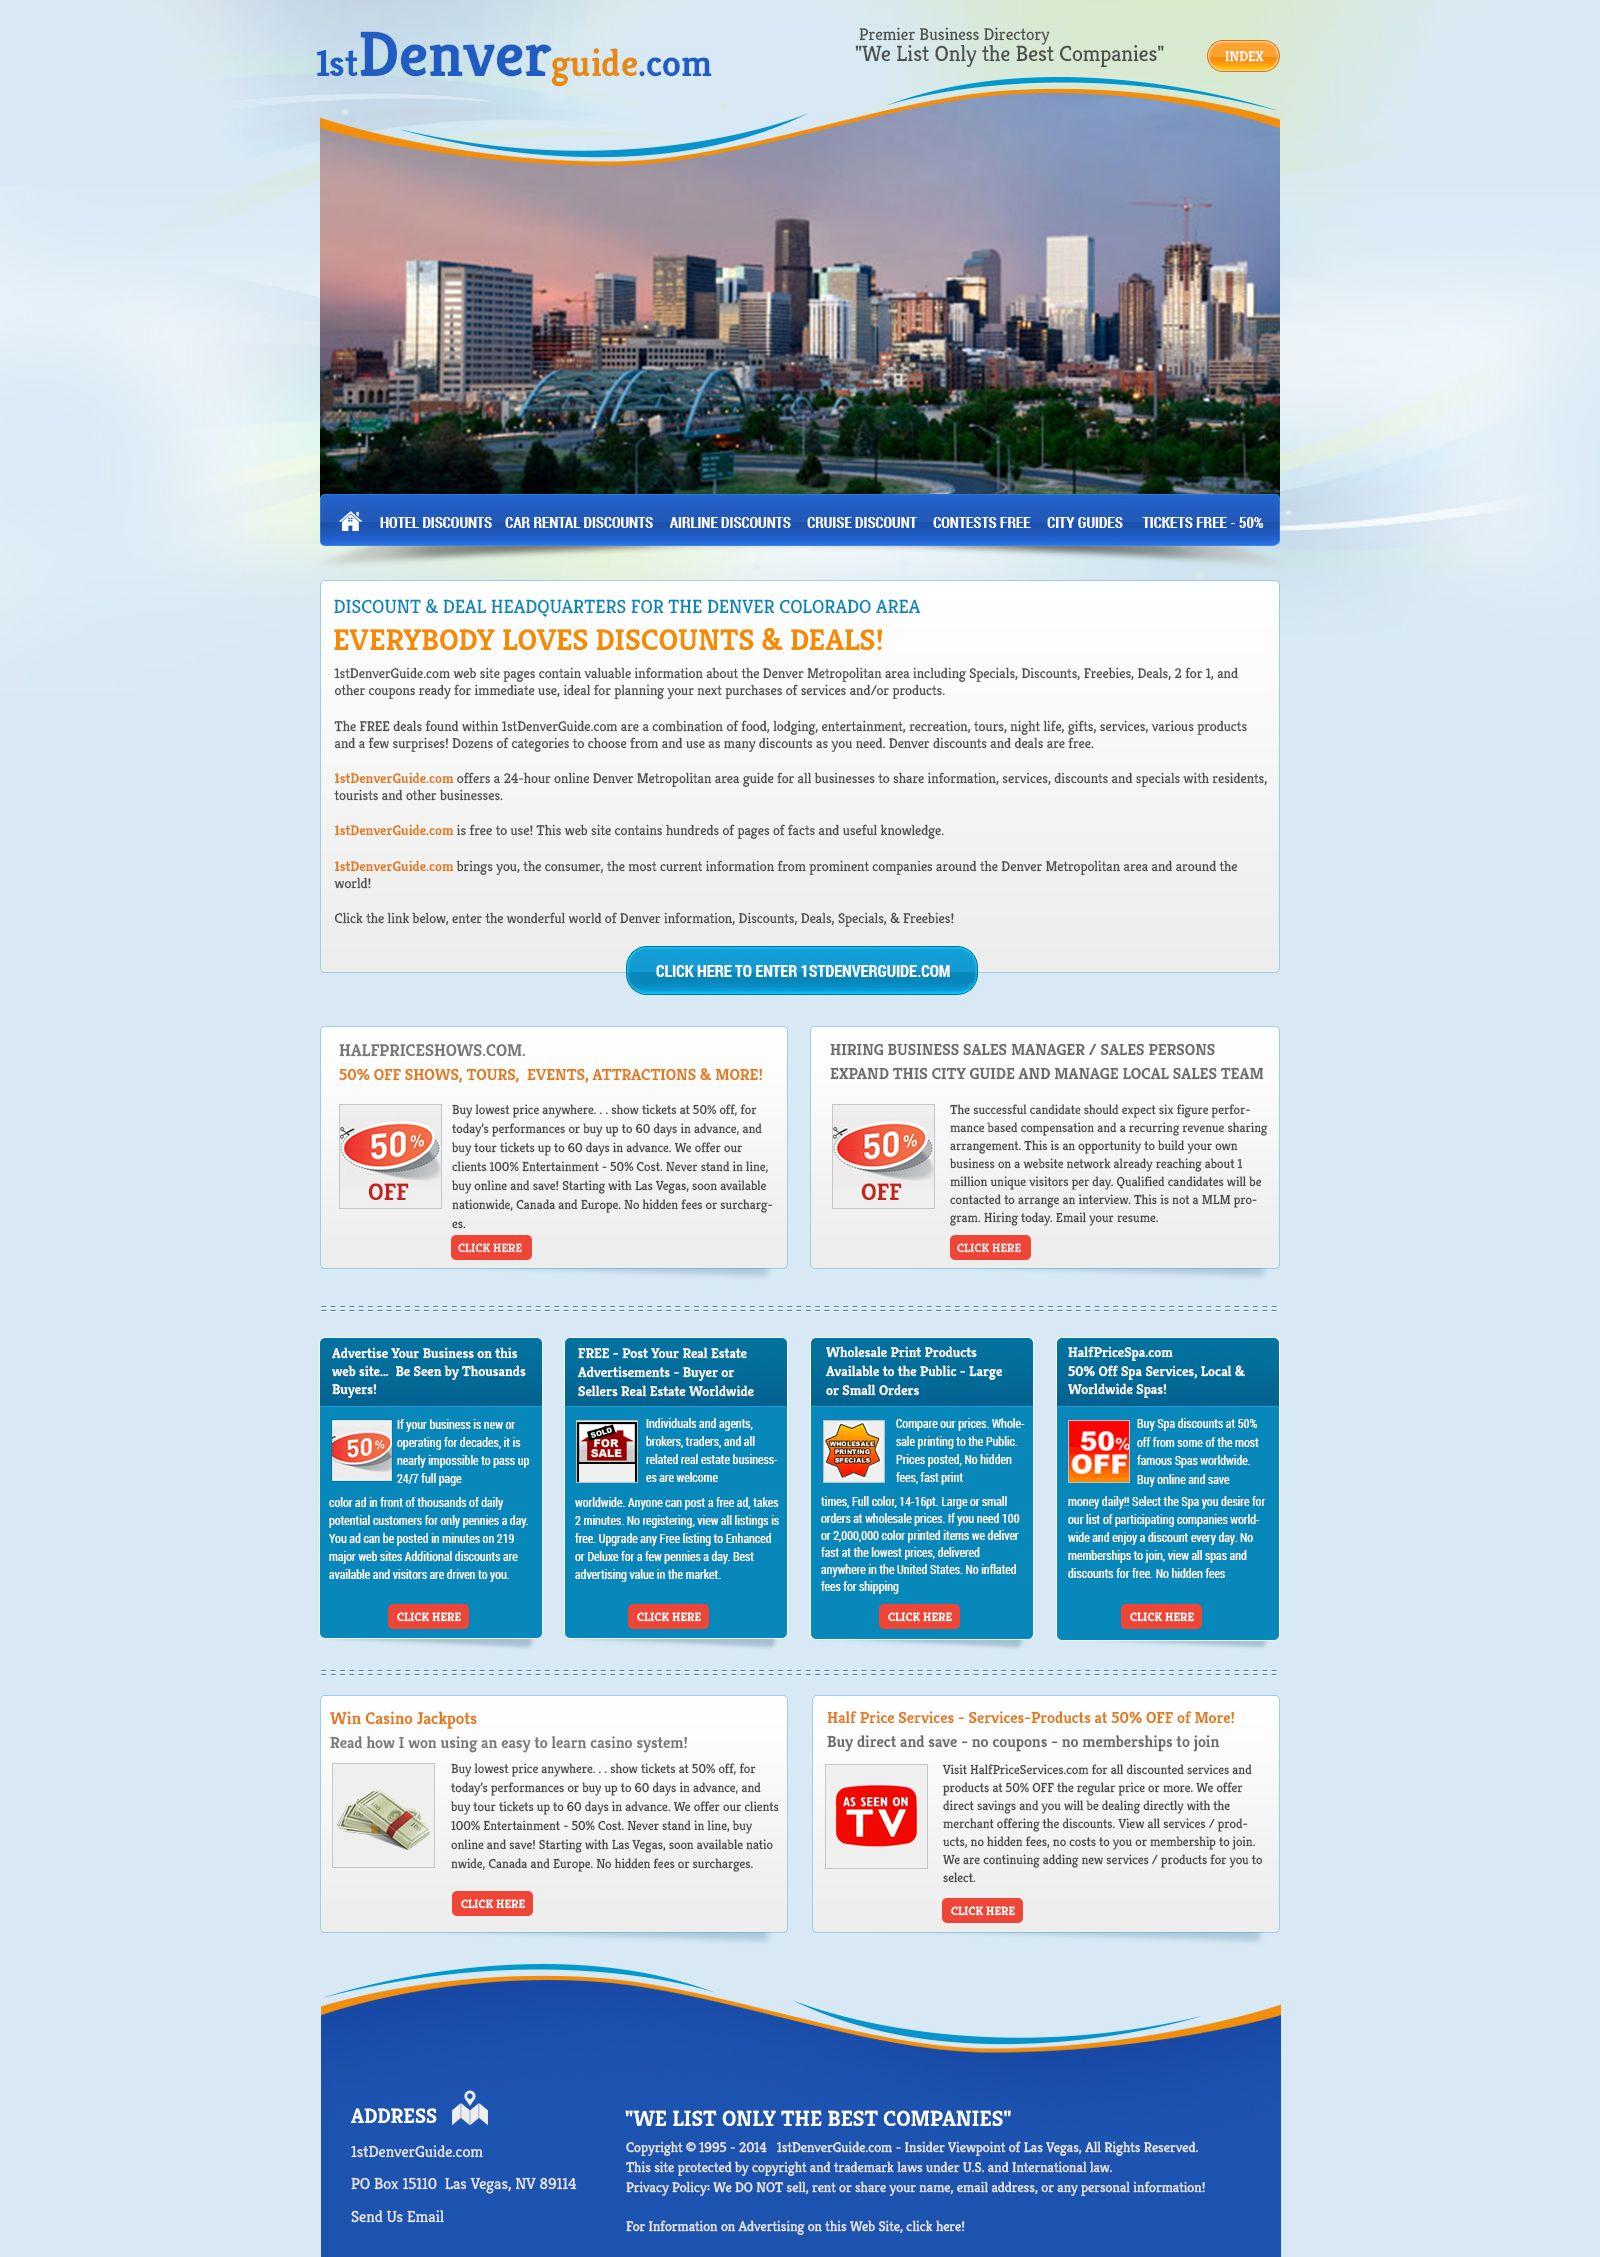 1st Denver Guide Website Design Services Affordable Website Design Good Company